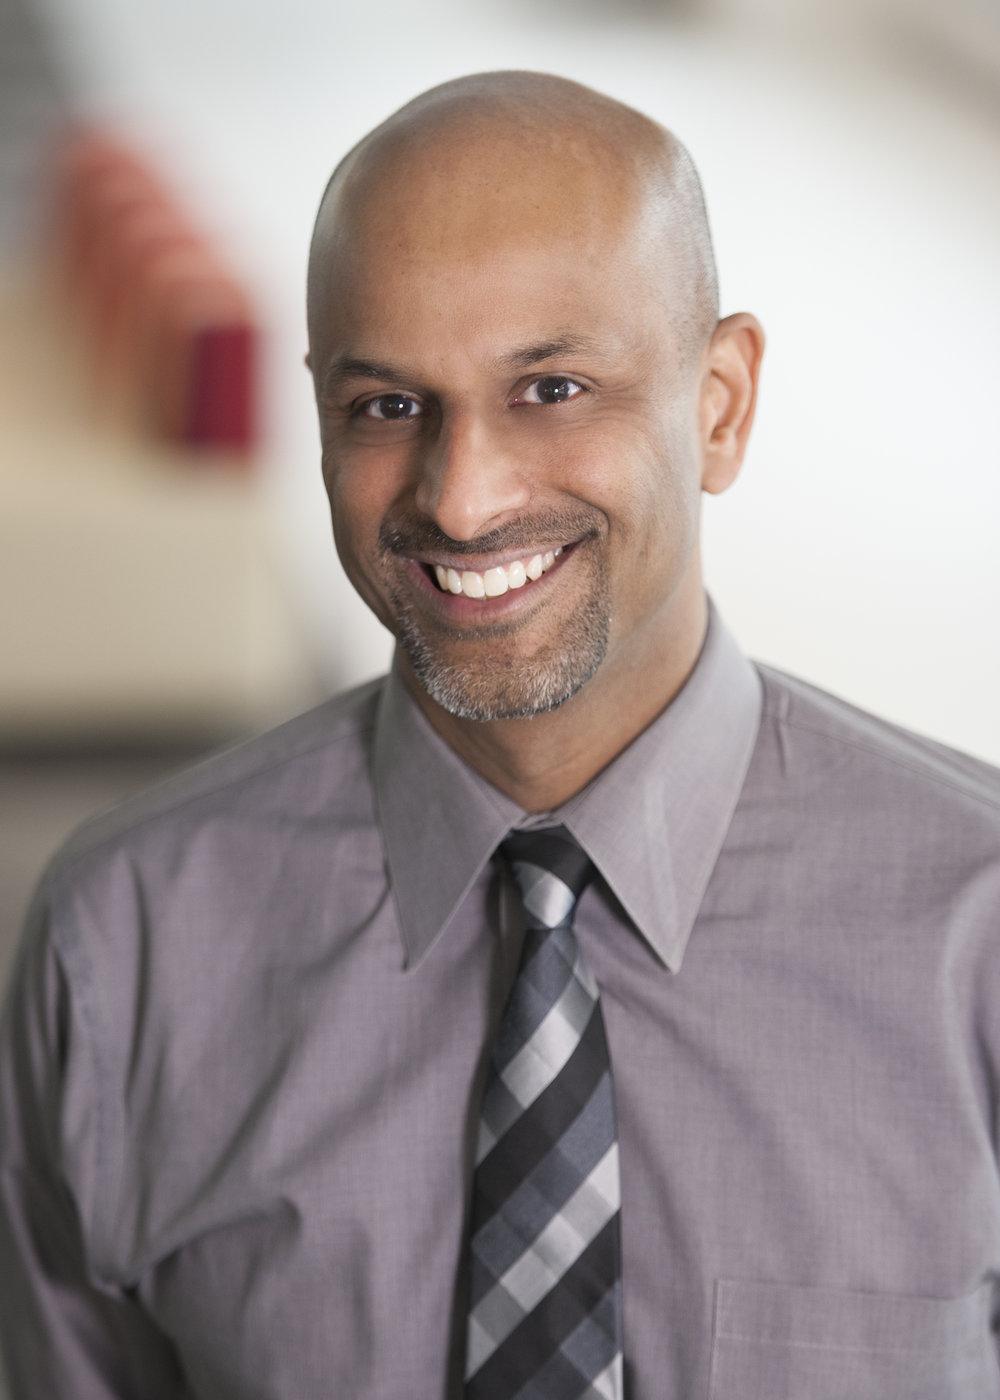 Apoorva Gandhi Vice-Presidente de Mercados y Alianzas Multiculturales para Marriott Internacional